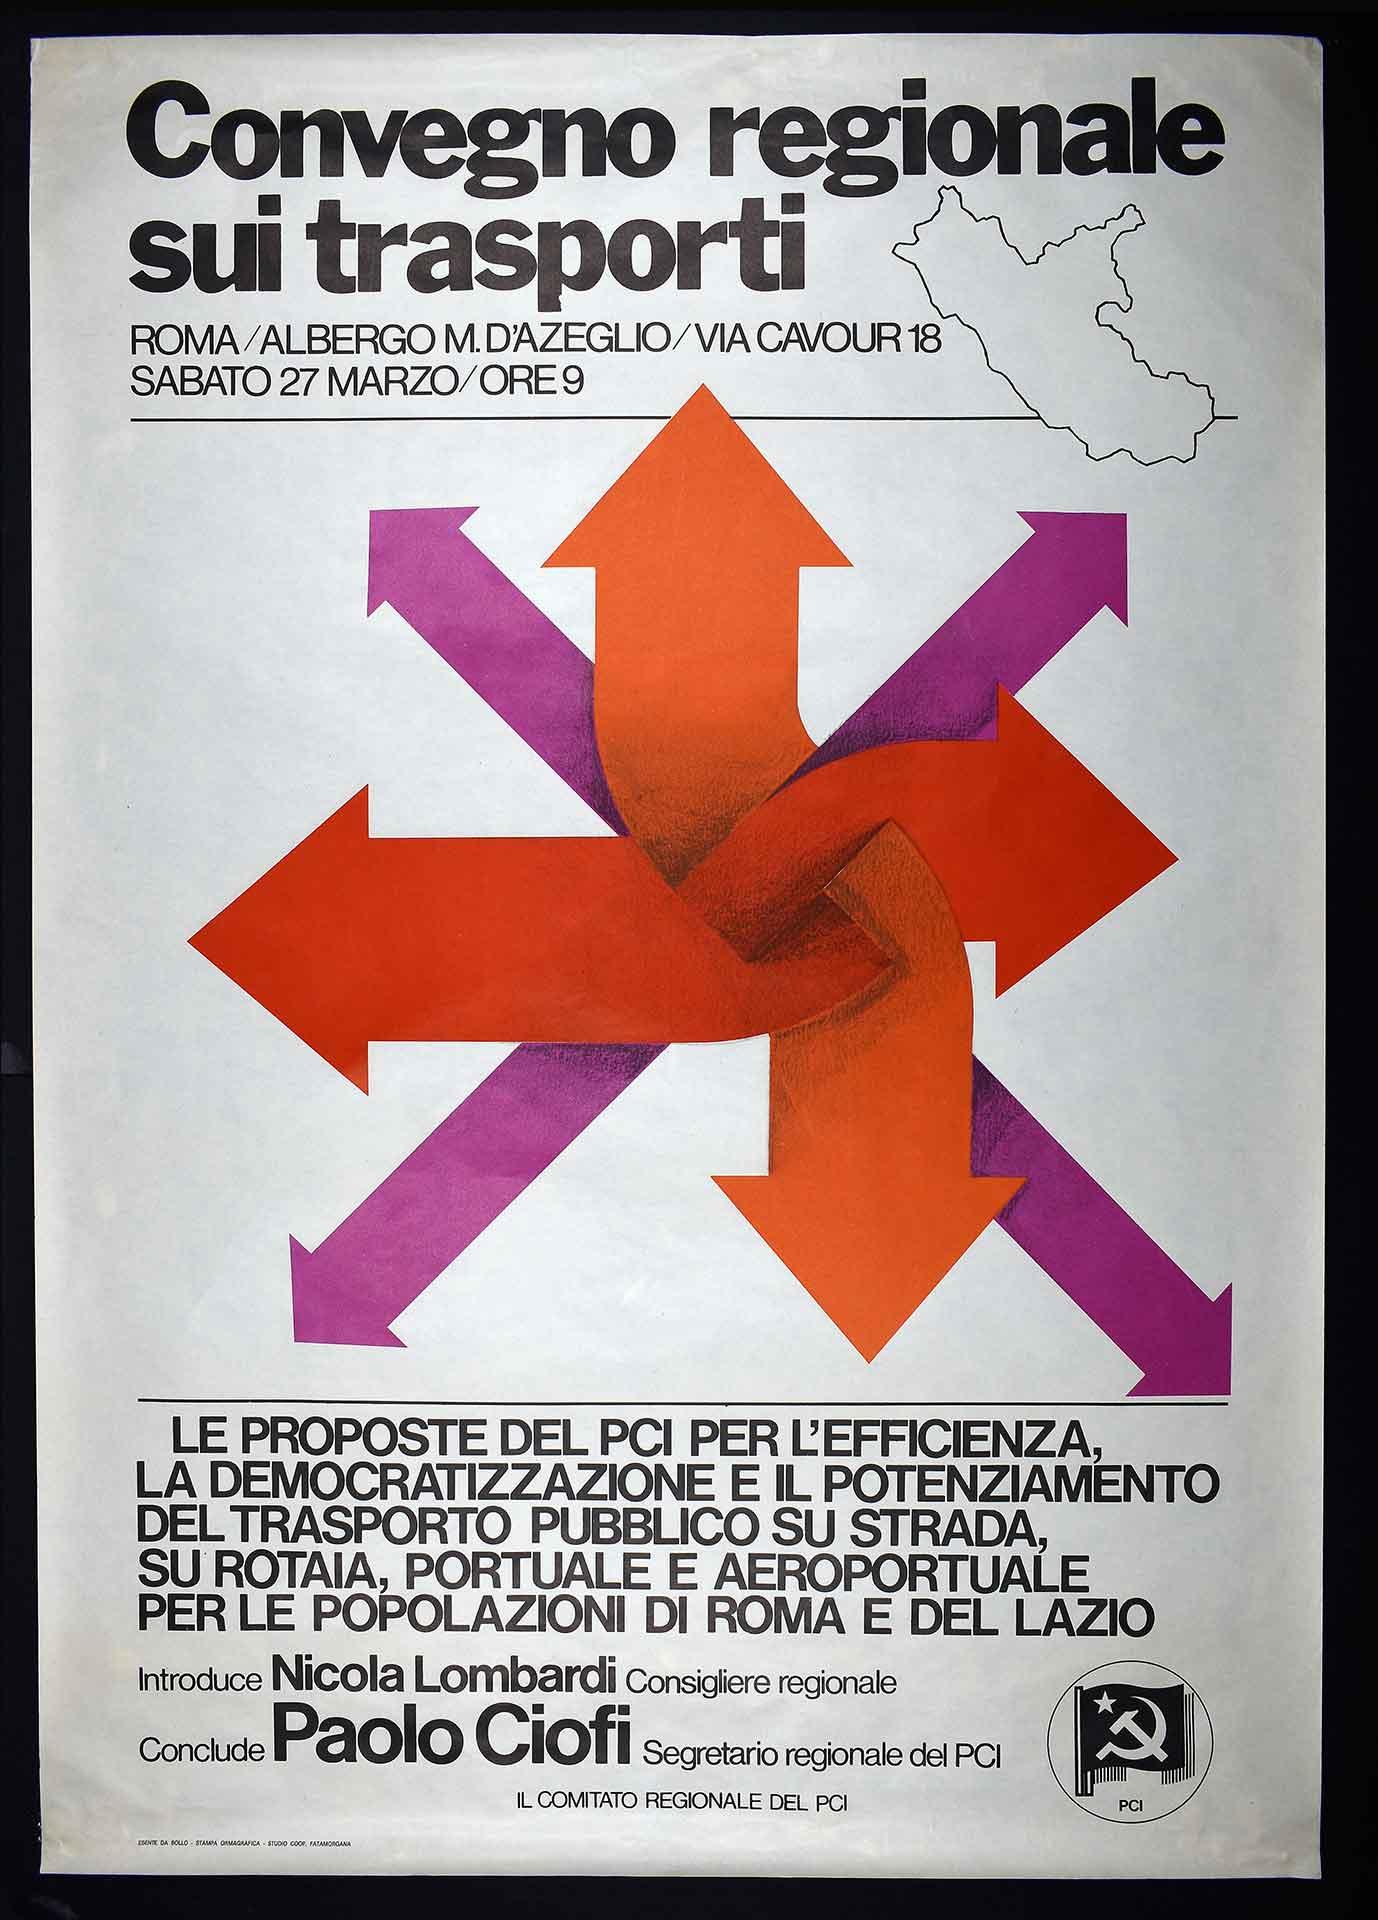 Il comitato regionale del Partito comunista italiano (PCI) per un convegno sui trasporti nel Lazio. Stampa Ormagrafica, Roma. Studio grafico Fatamorgana. Comunicazione di partito.